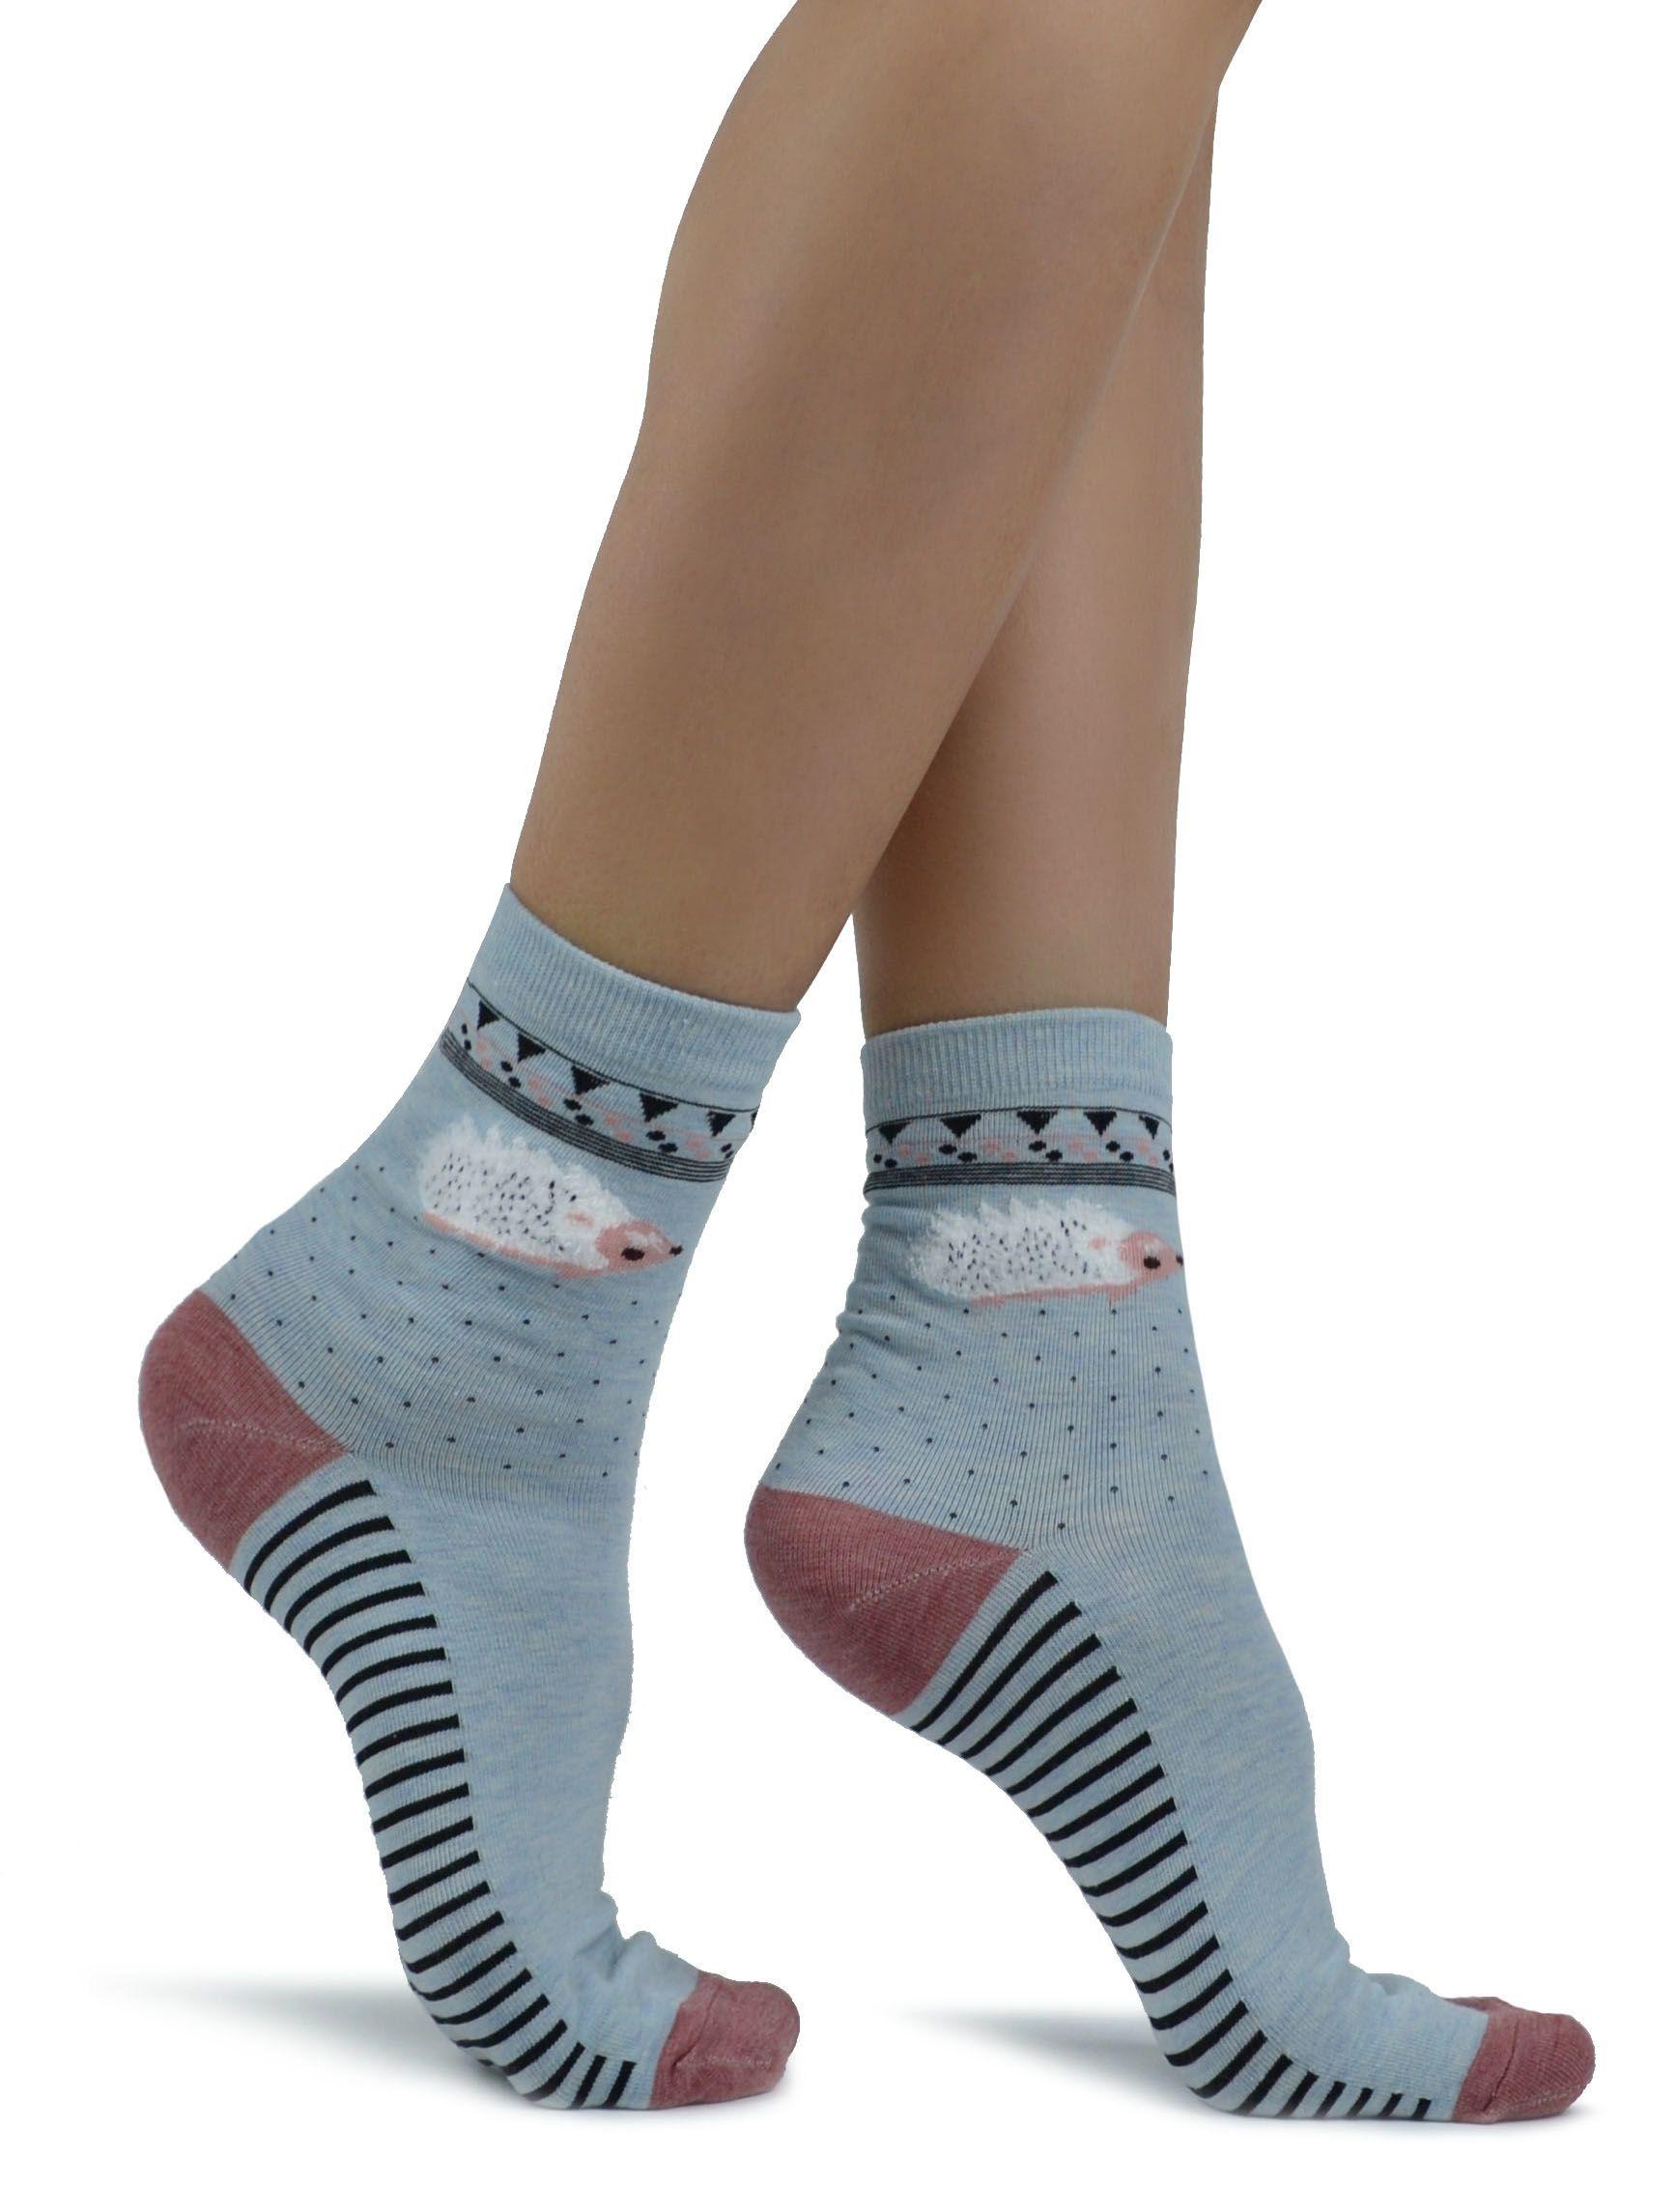 Damen Baumwollsocken Mit Flauschigen Hengehoges In 4 Farben Baumwollsocken Braune Strumpfhose Und Socken